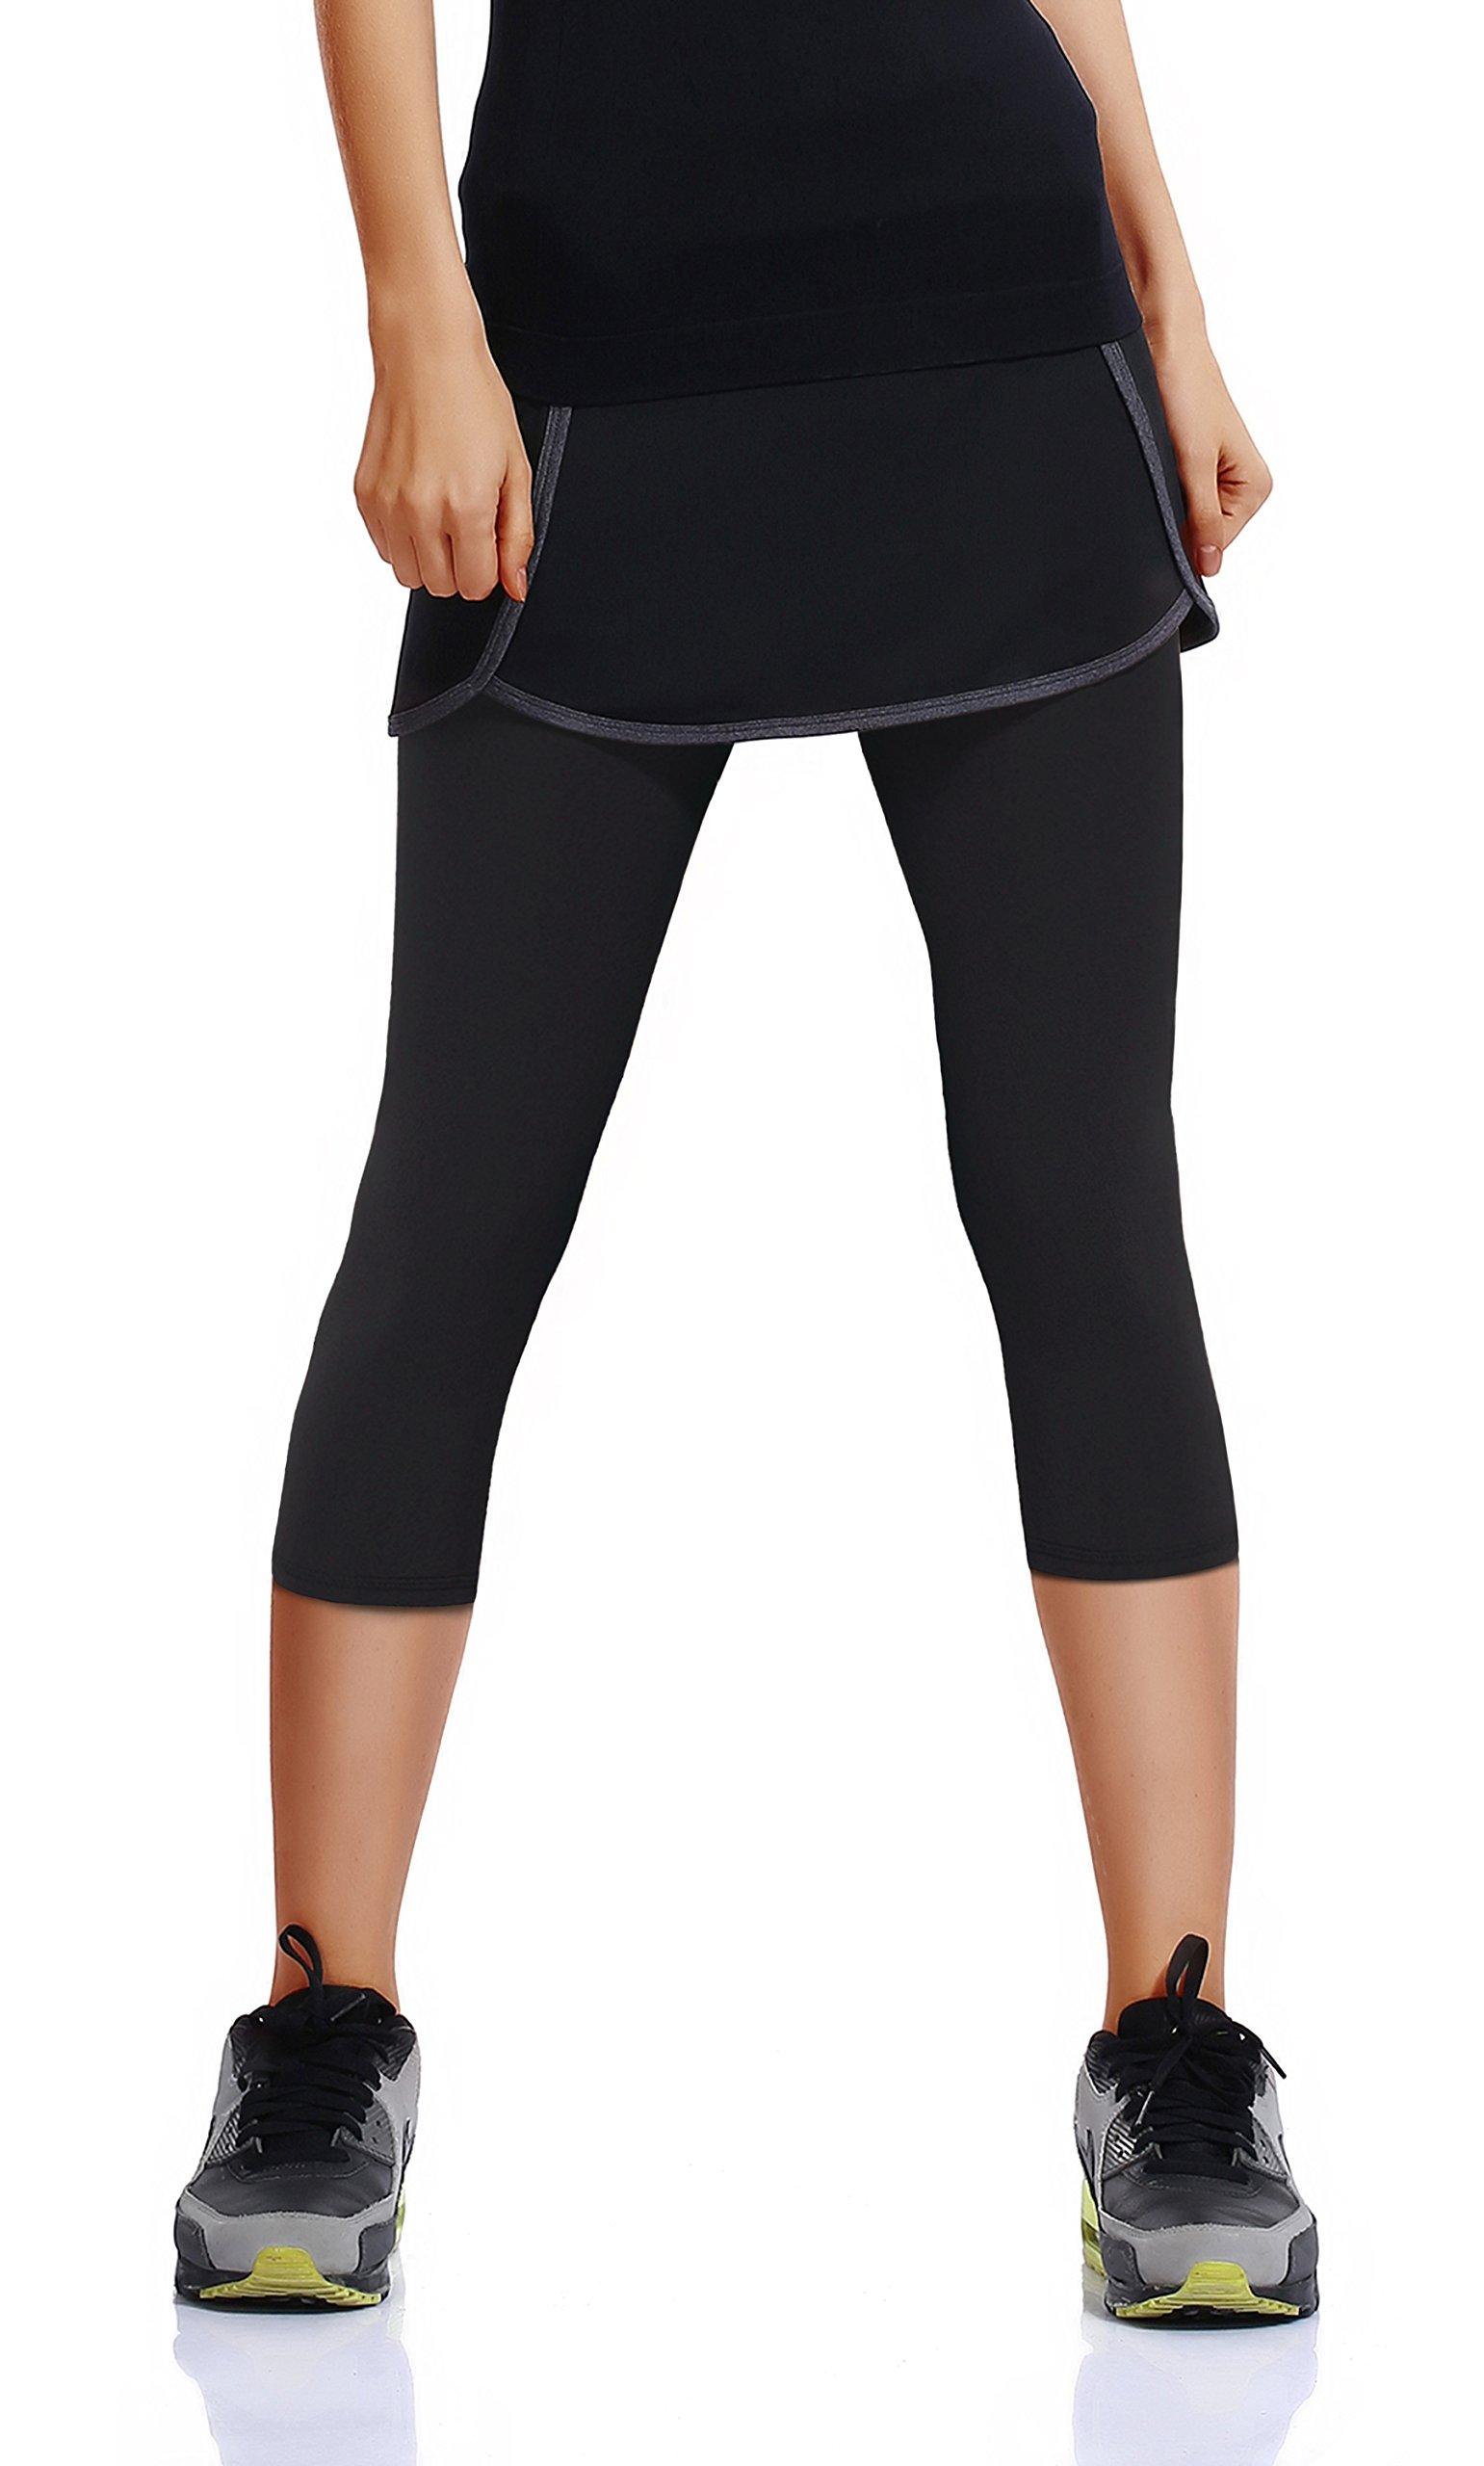 HonourSport Women's Running Skirted Capris Leggings Athletic Tennis Skort(Black,M)